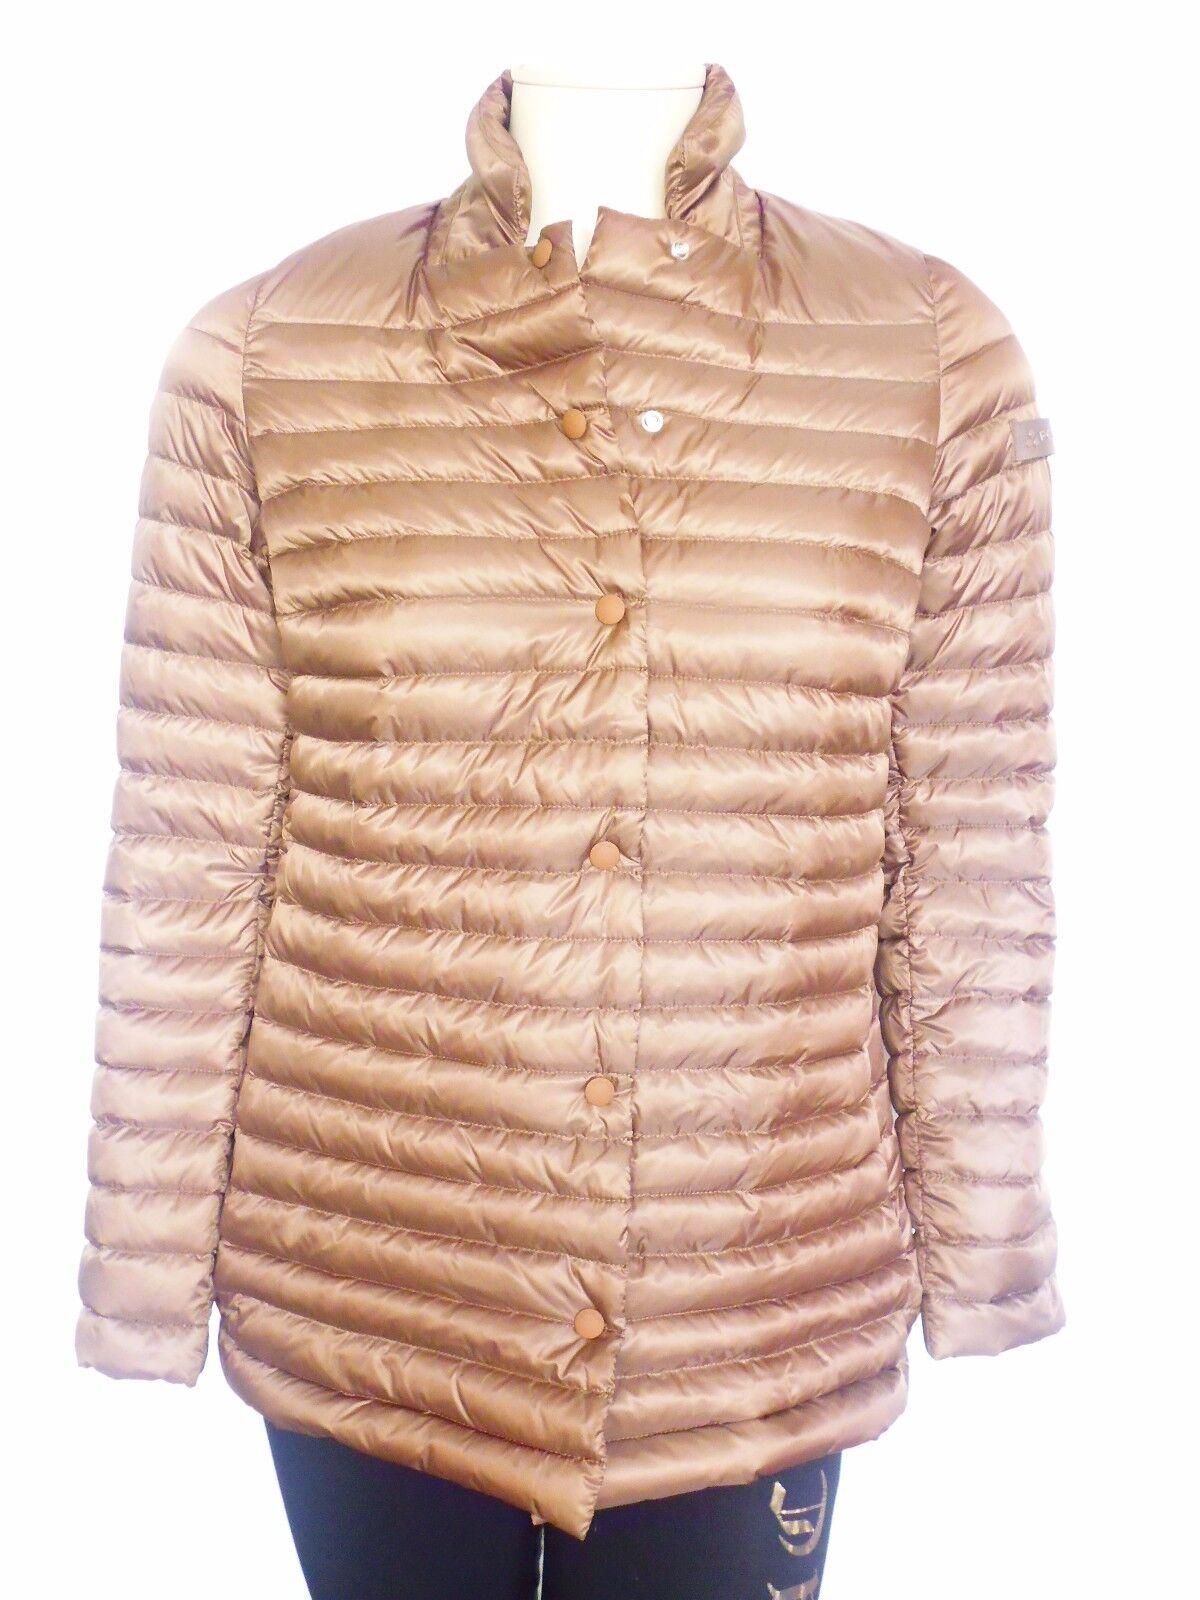 Peuterey señora chaqueta,  Gaga Uds marrón plumón chaqueta señora grandes; 36 (ita; 42)  ahorra hasta un 50%